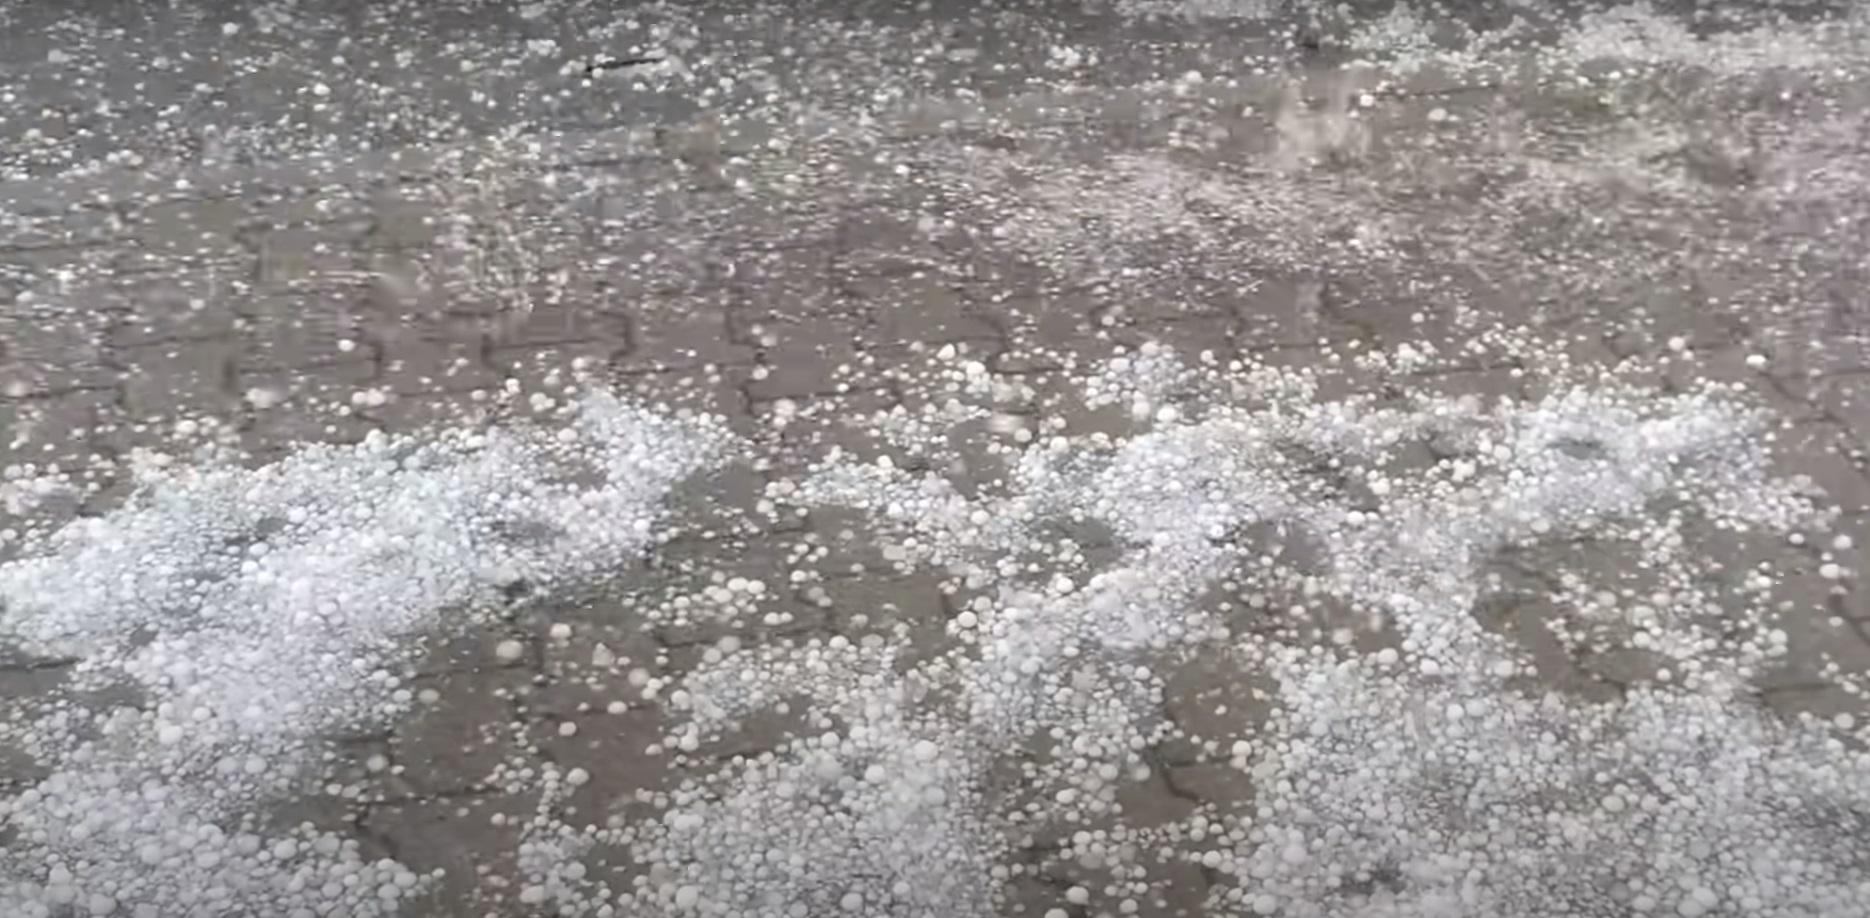 Burze z gradem przeszły już między innymi nad Jelenią Górą, umieszczono nagranie pokazujące potęgę żywiołu. IMGW ostrzega